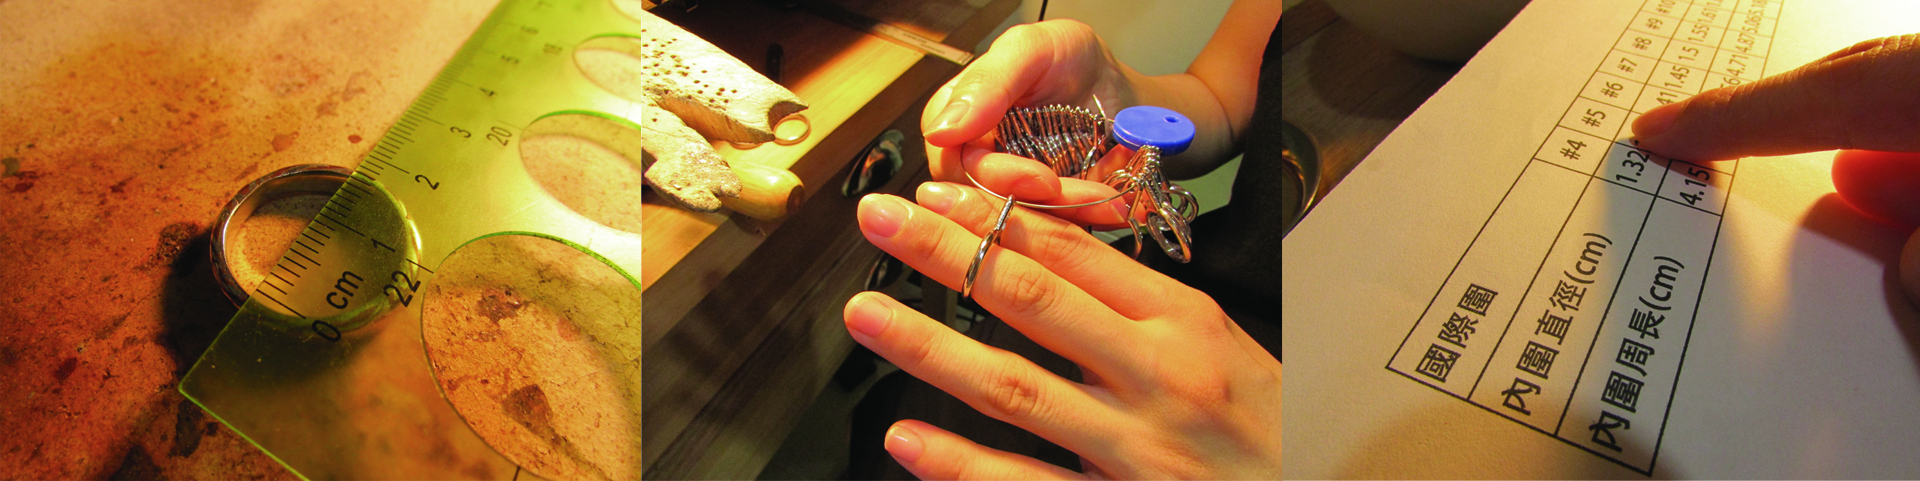 mittag jewelry|戒指圍尺寸測量方法